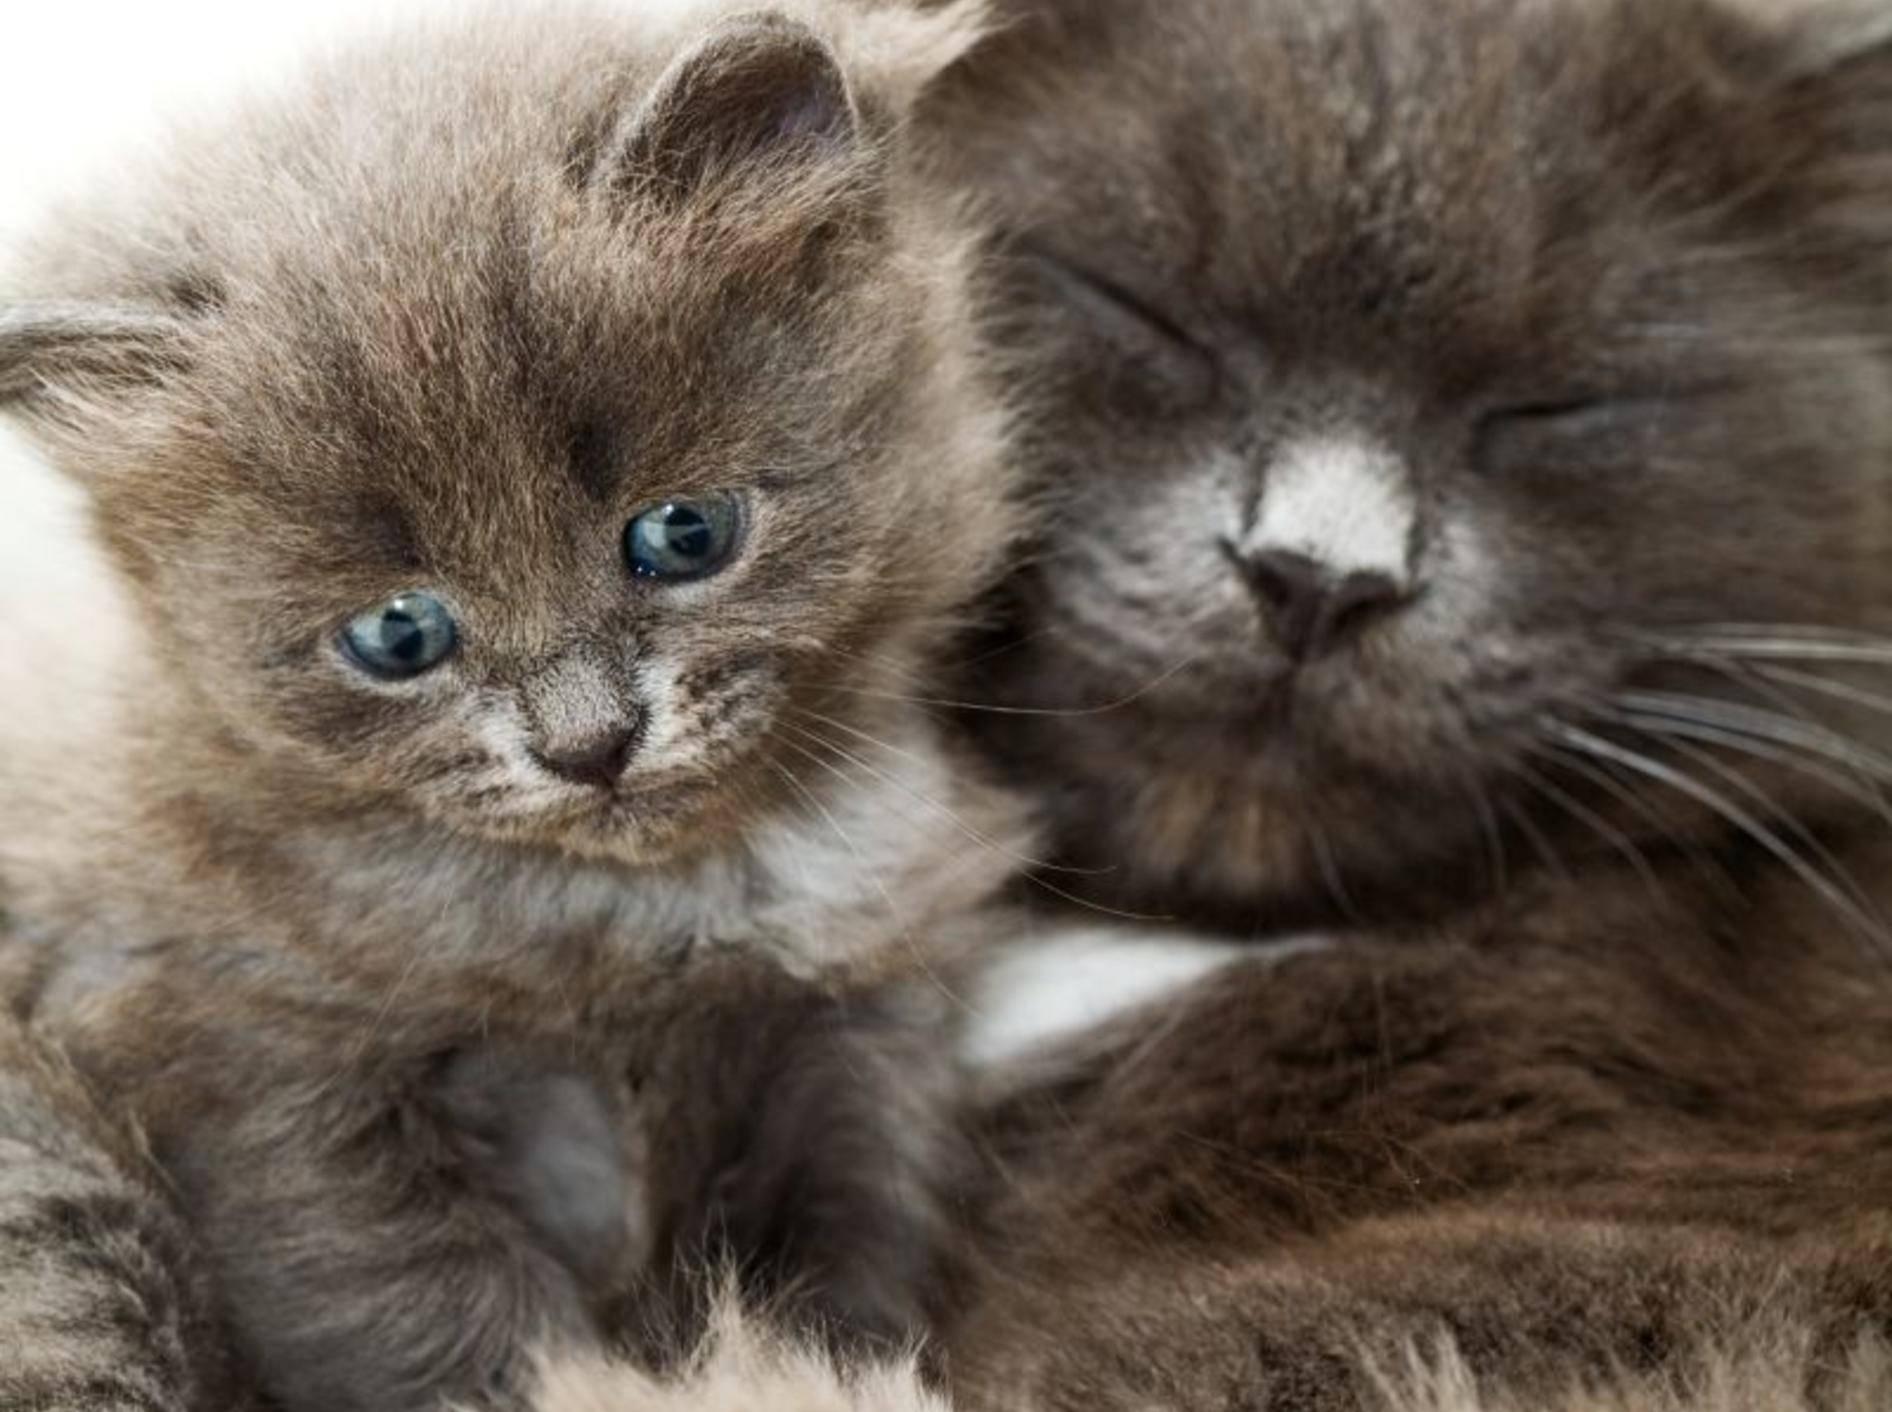 Flauschig und kuschelig: Diese süße Katzenfamilie macht den Anfang – Bild: Shutterstock / Larisa Lofitskaya